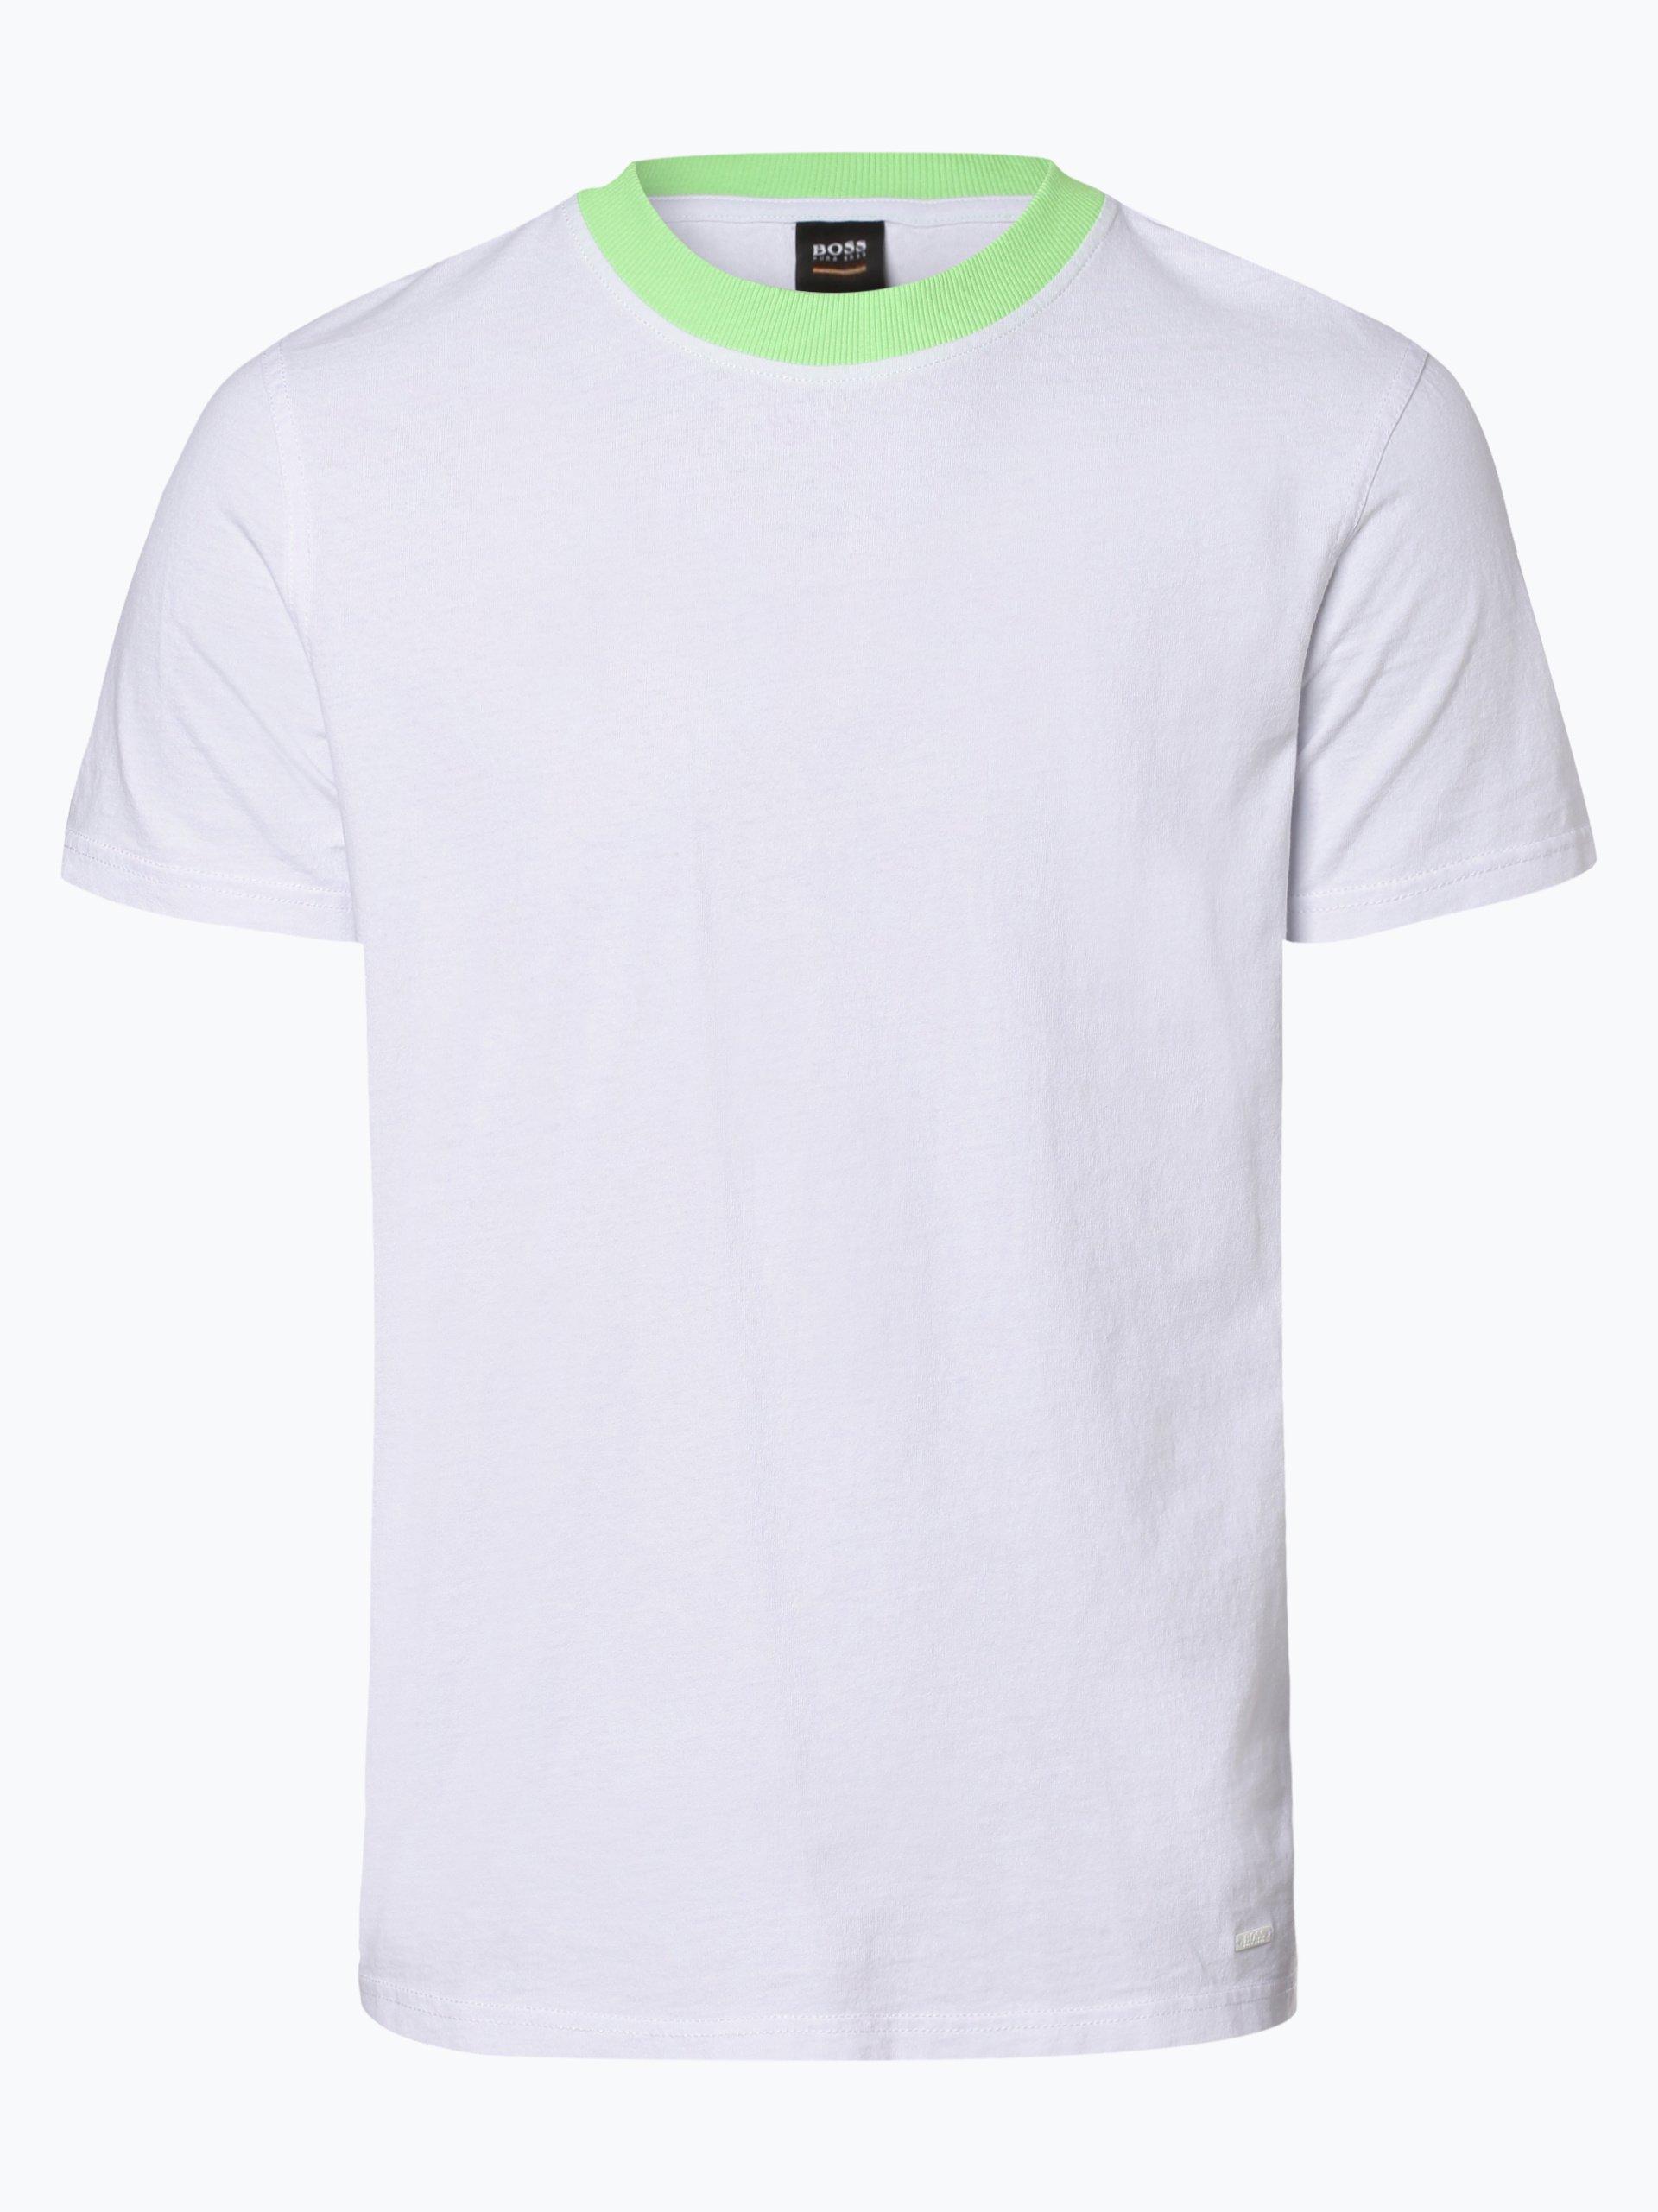 BOSS Casual Herren T-Shirt - TPalm 2